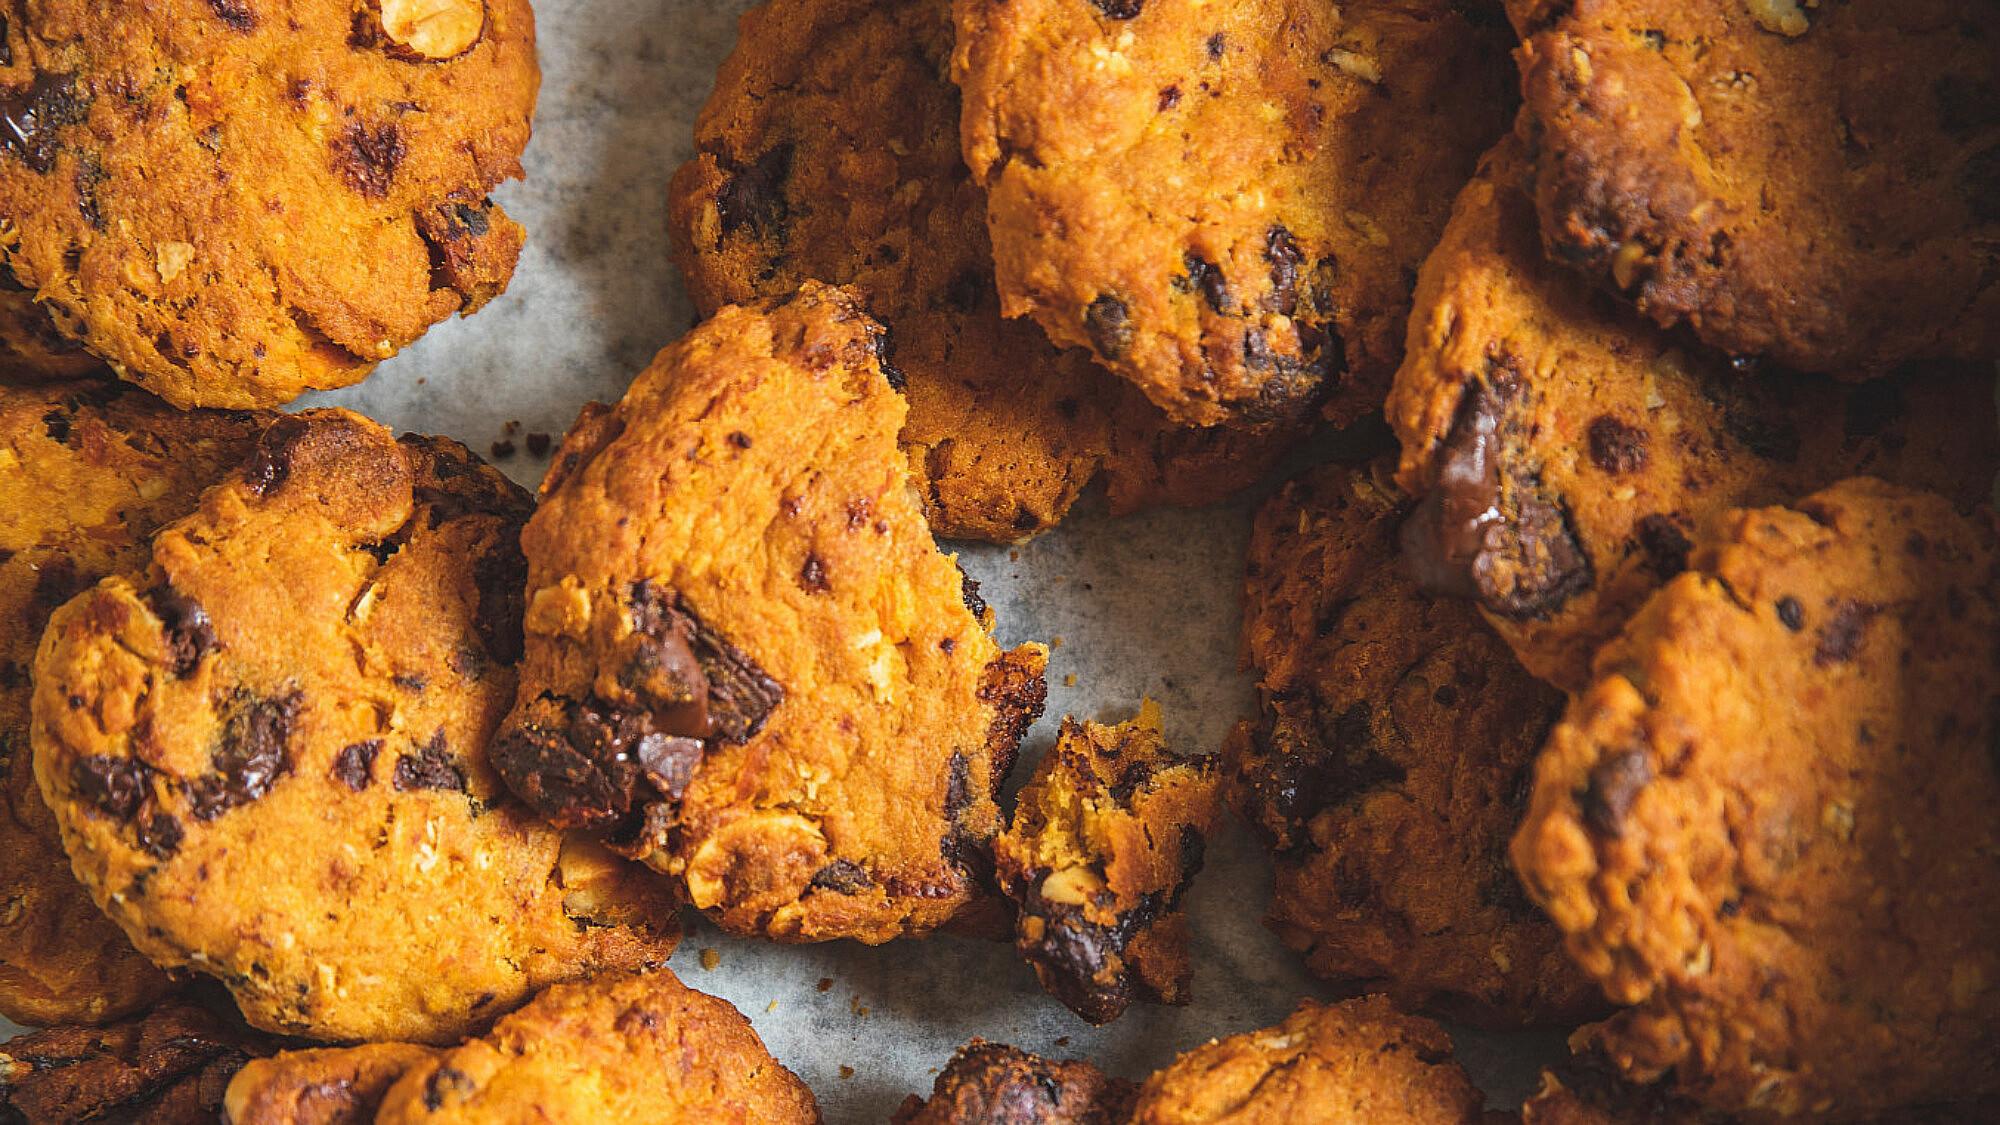 עוגיות בטטה,שוקולד צ'יפס ואגוזי לוז של מיכל חביביאן. צילום: שני בריל